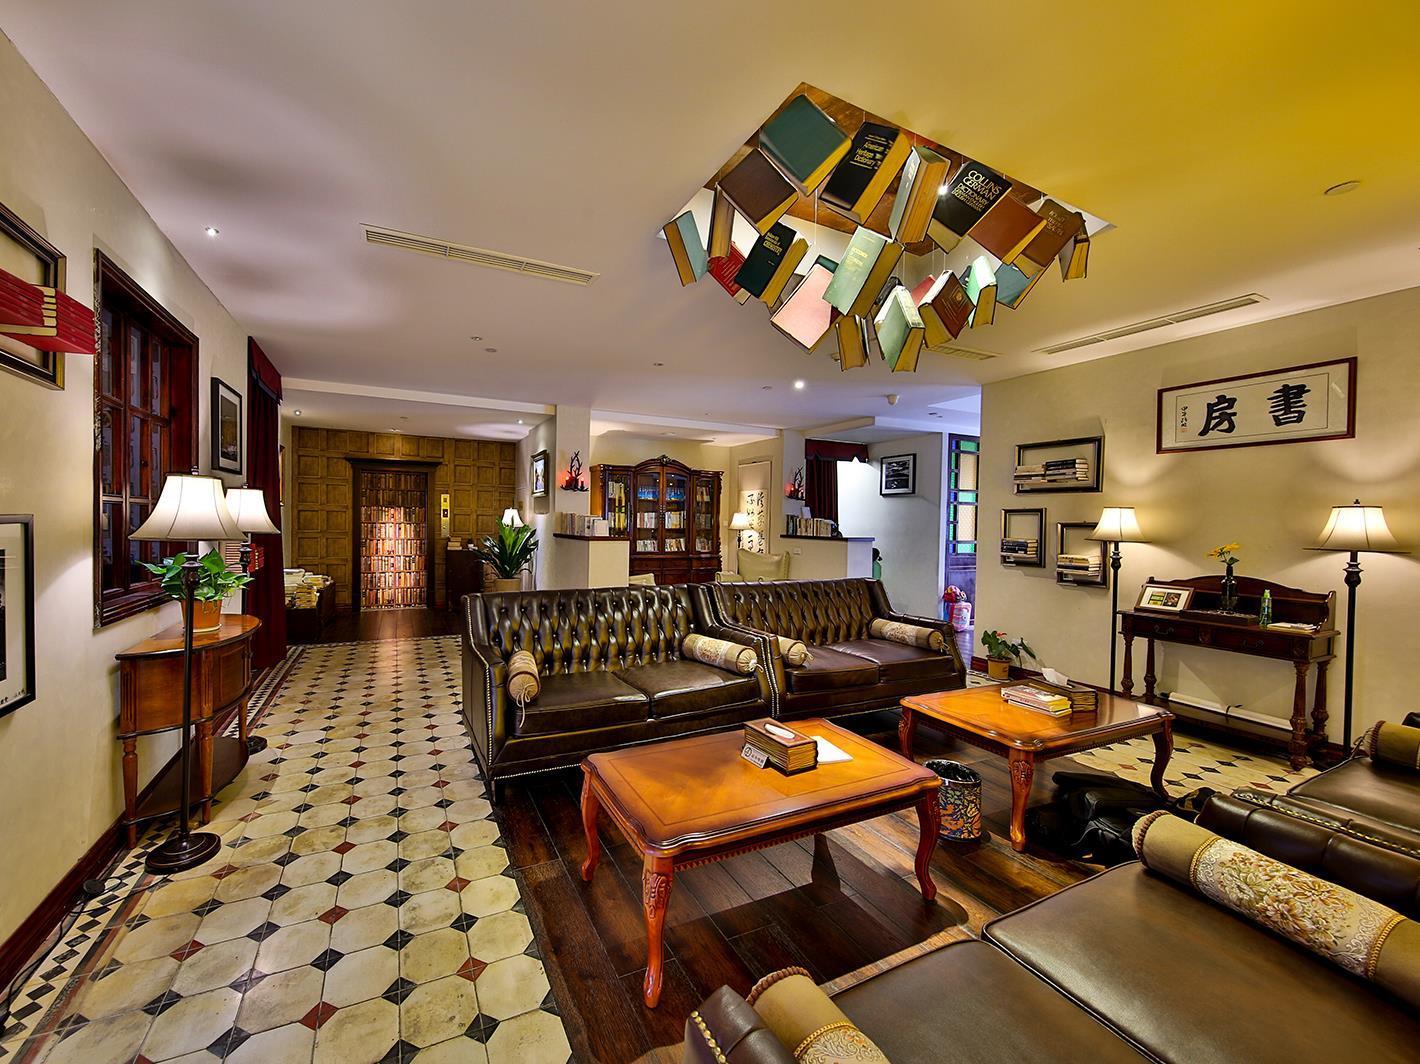 Ningbo The Study Resort - Ningbo